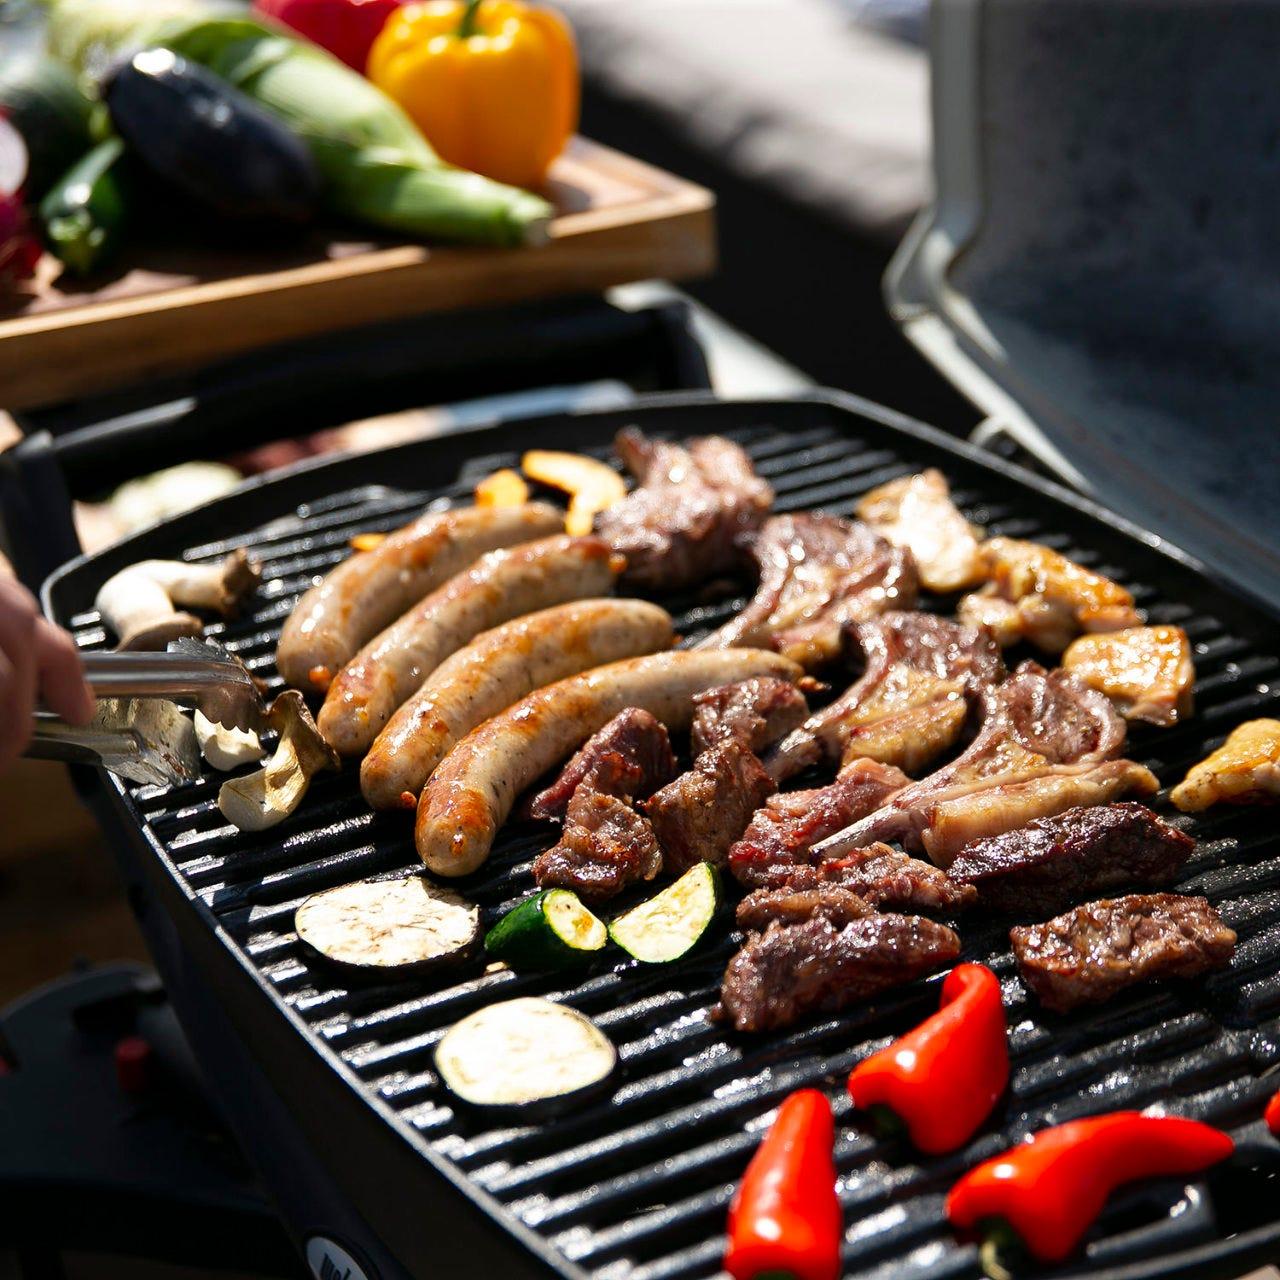 飲み放題付【テラスBBQプラン】牛、ラム、鶏、ソーセージに野菜たっぷり!4種のソースでいただきます♪